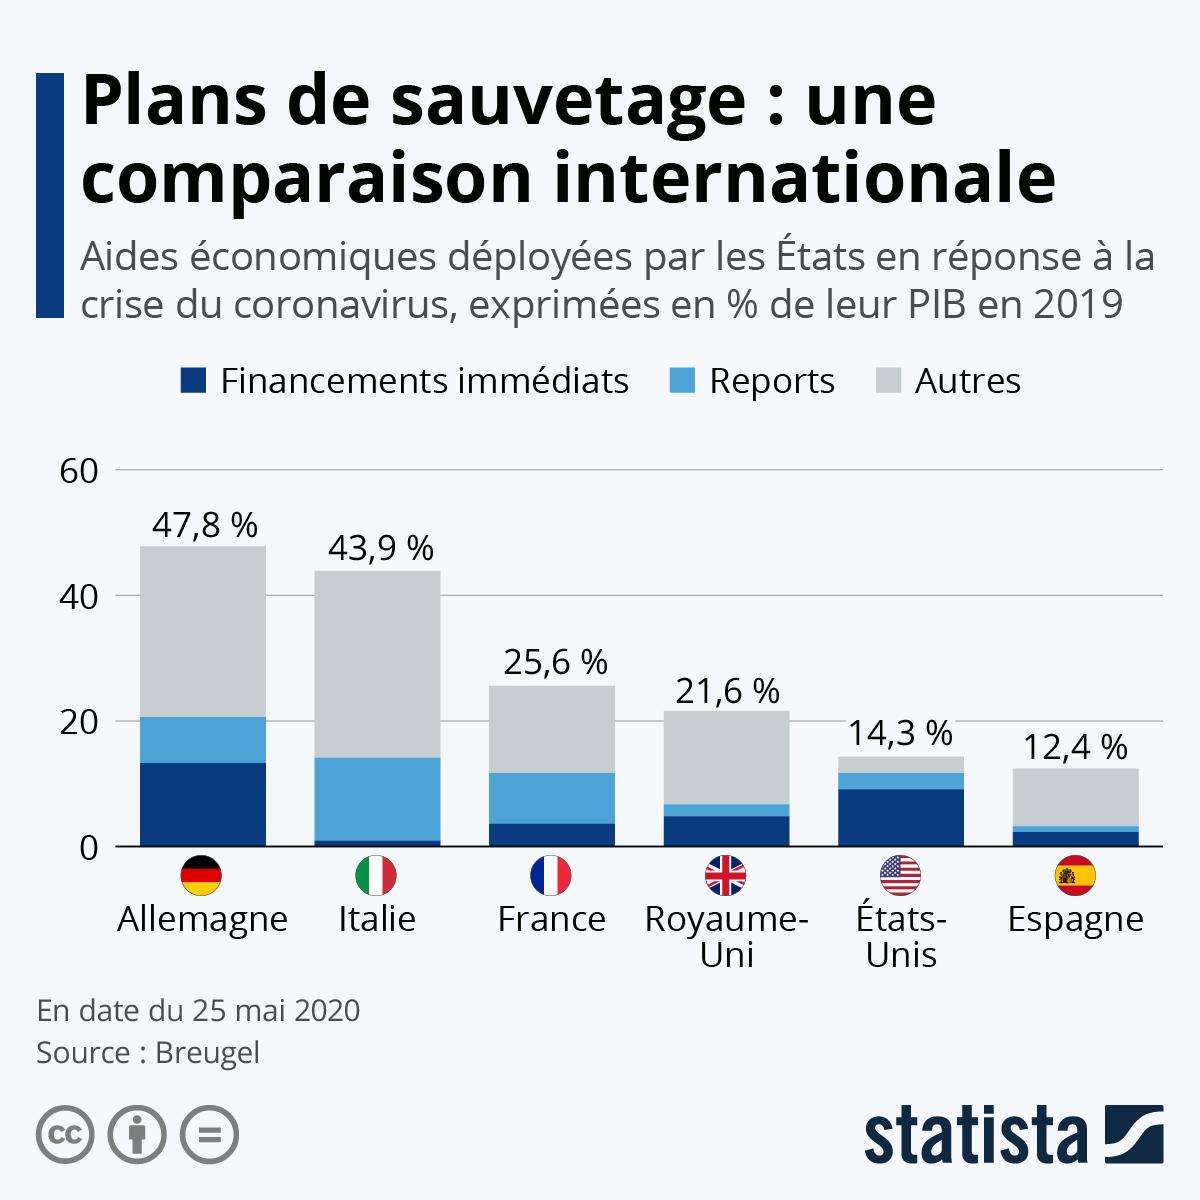 Infographie: Plans de sauvetage : une comparaison internationale | Statista